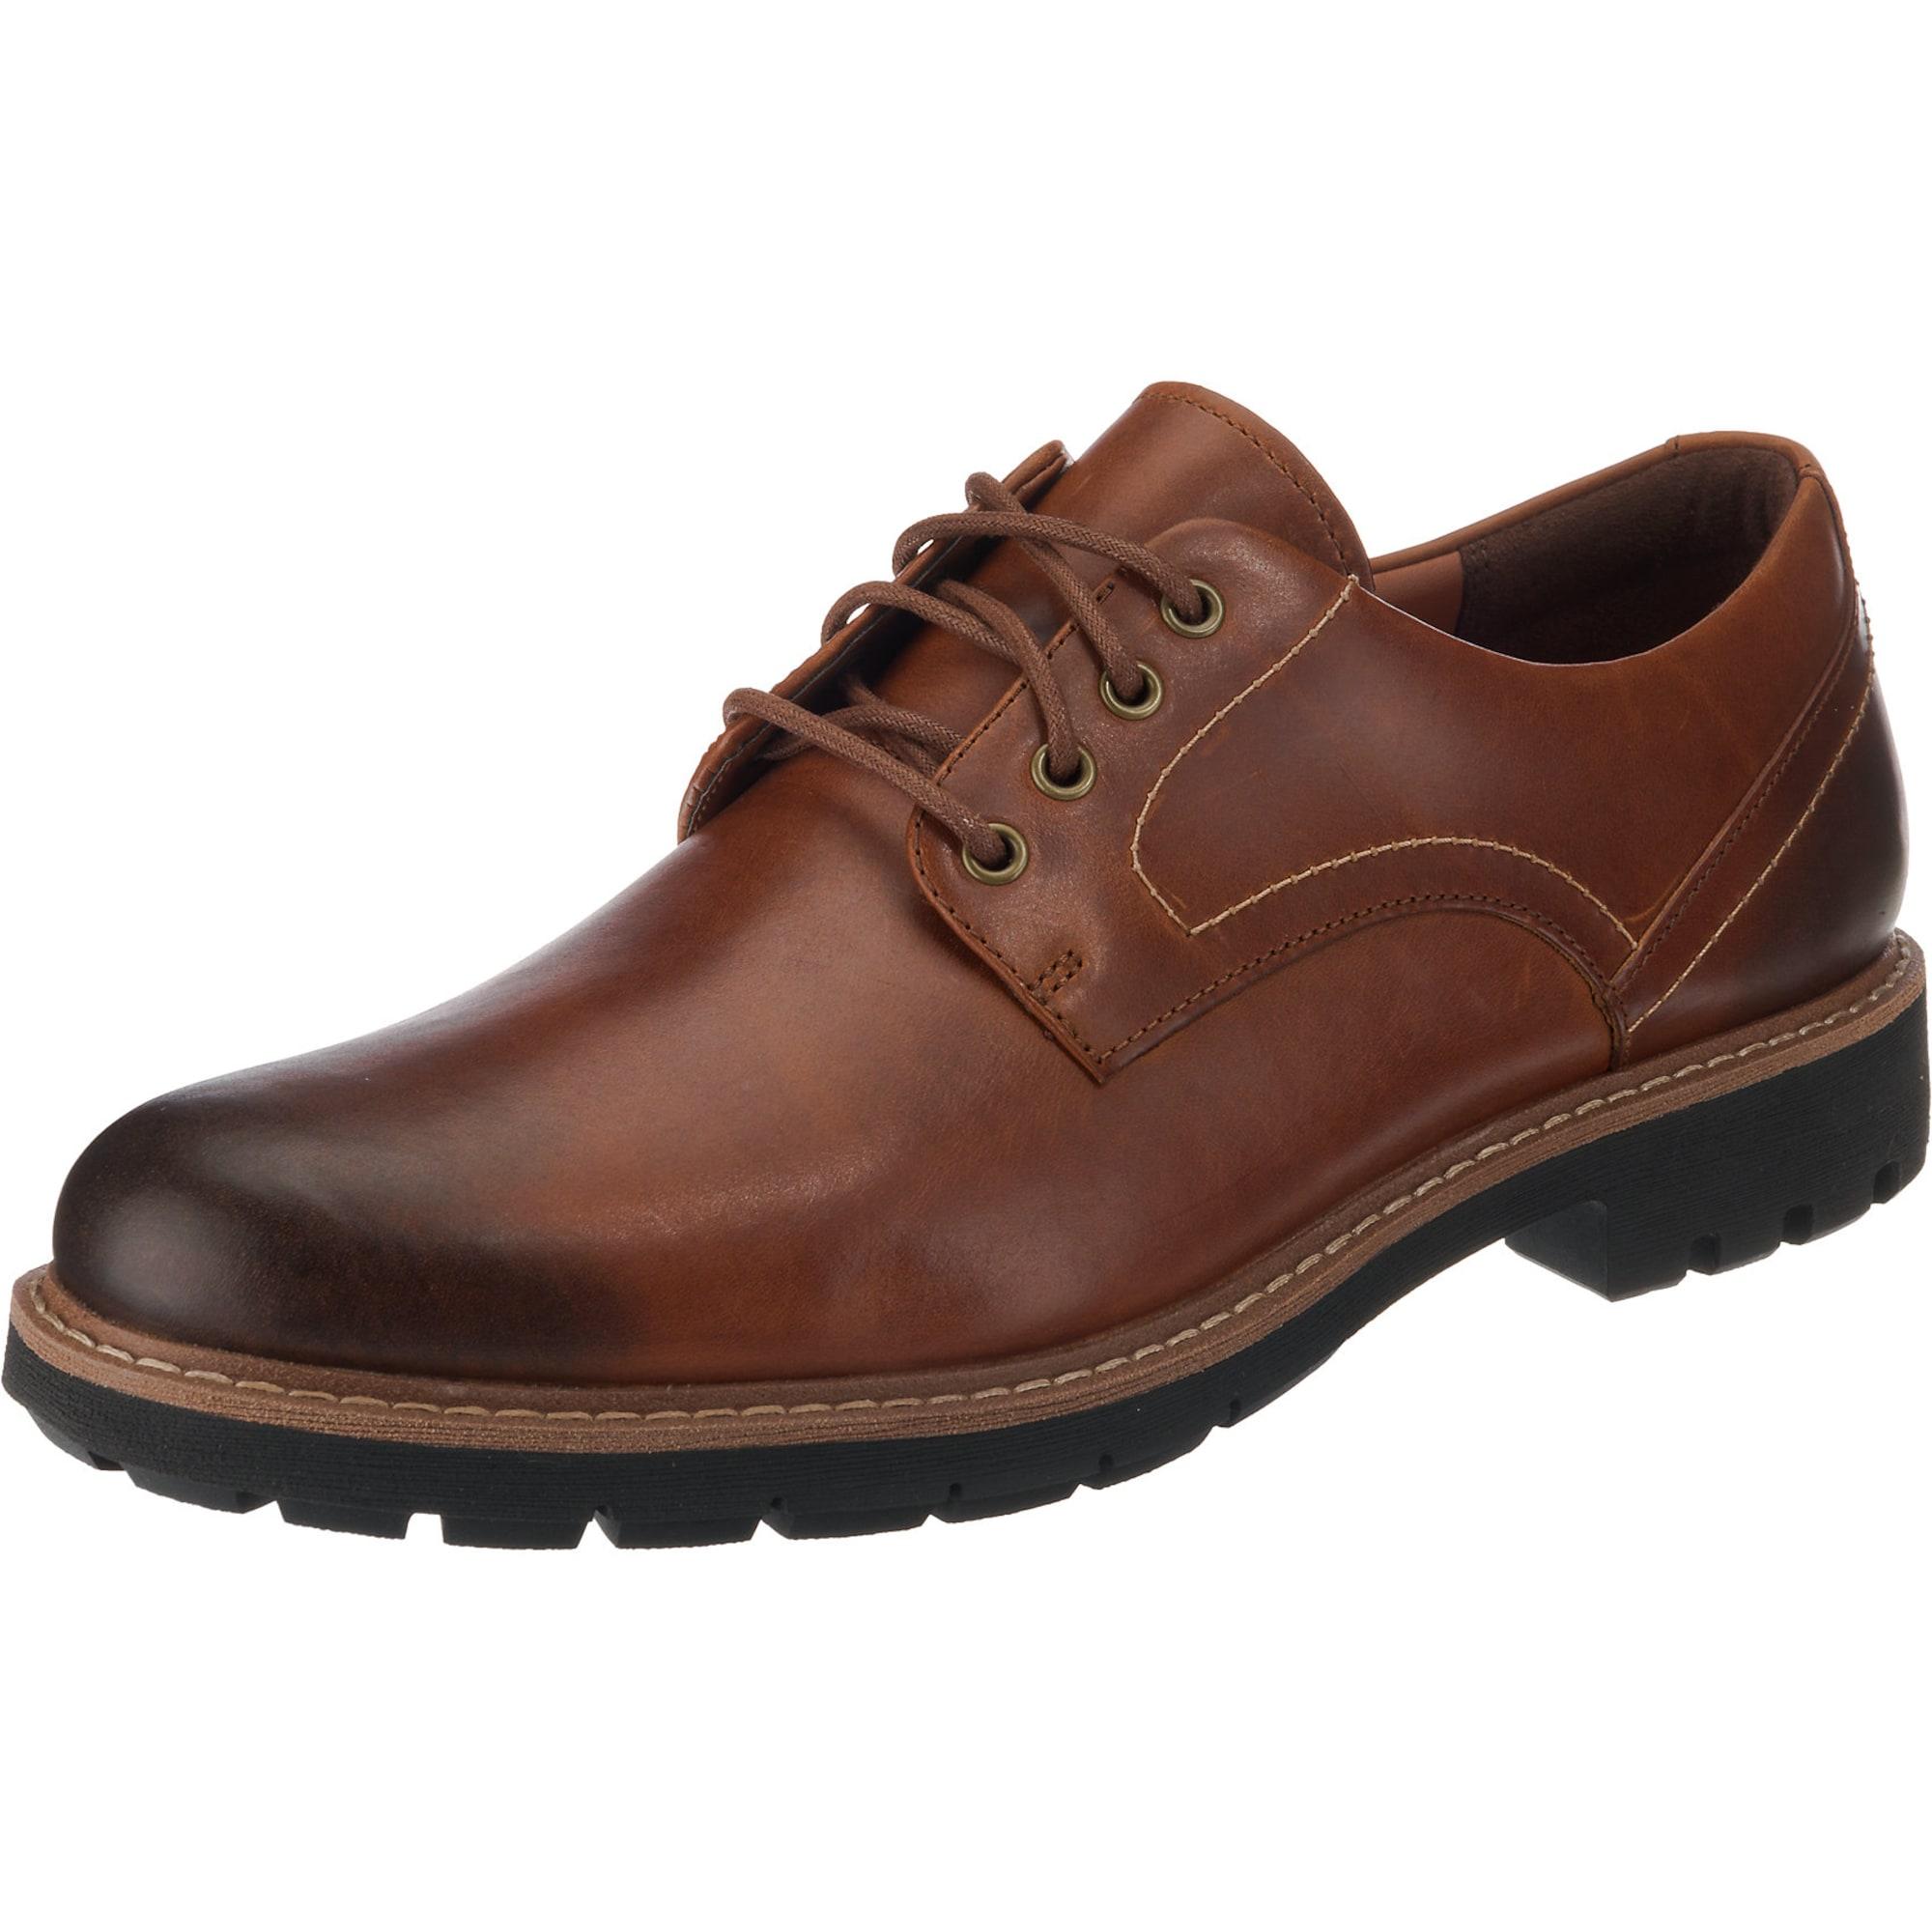 Šněrovací boty Batcombe Hall rezavě hnědá černá CLARKS